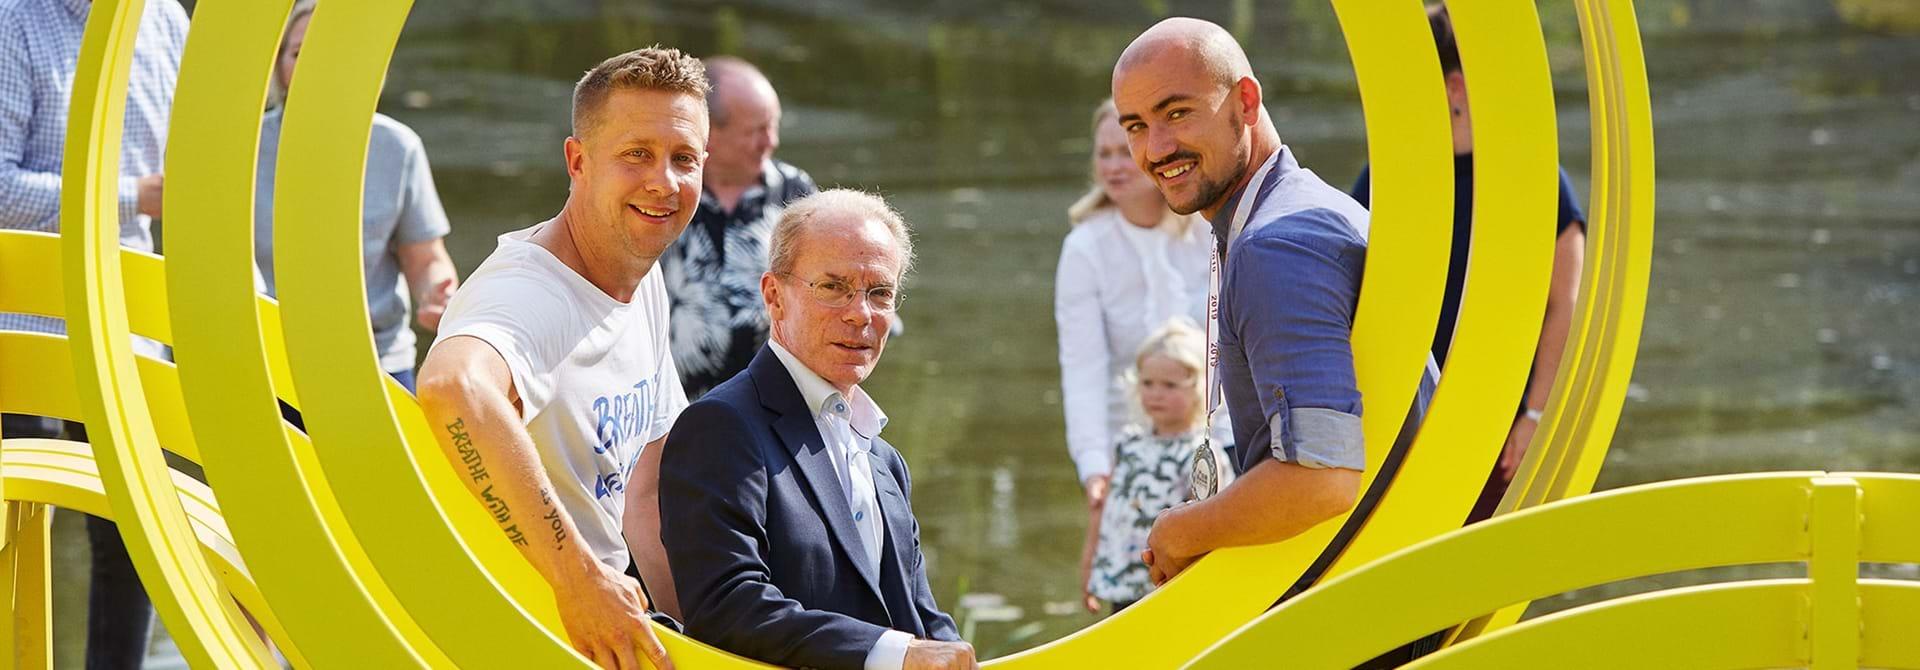 Jeppe Hein, Nick Elsass og Sebastian Frederiksen sidder på en skulptur